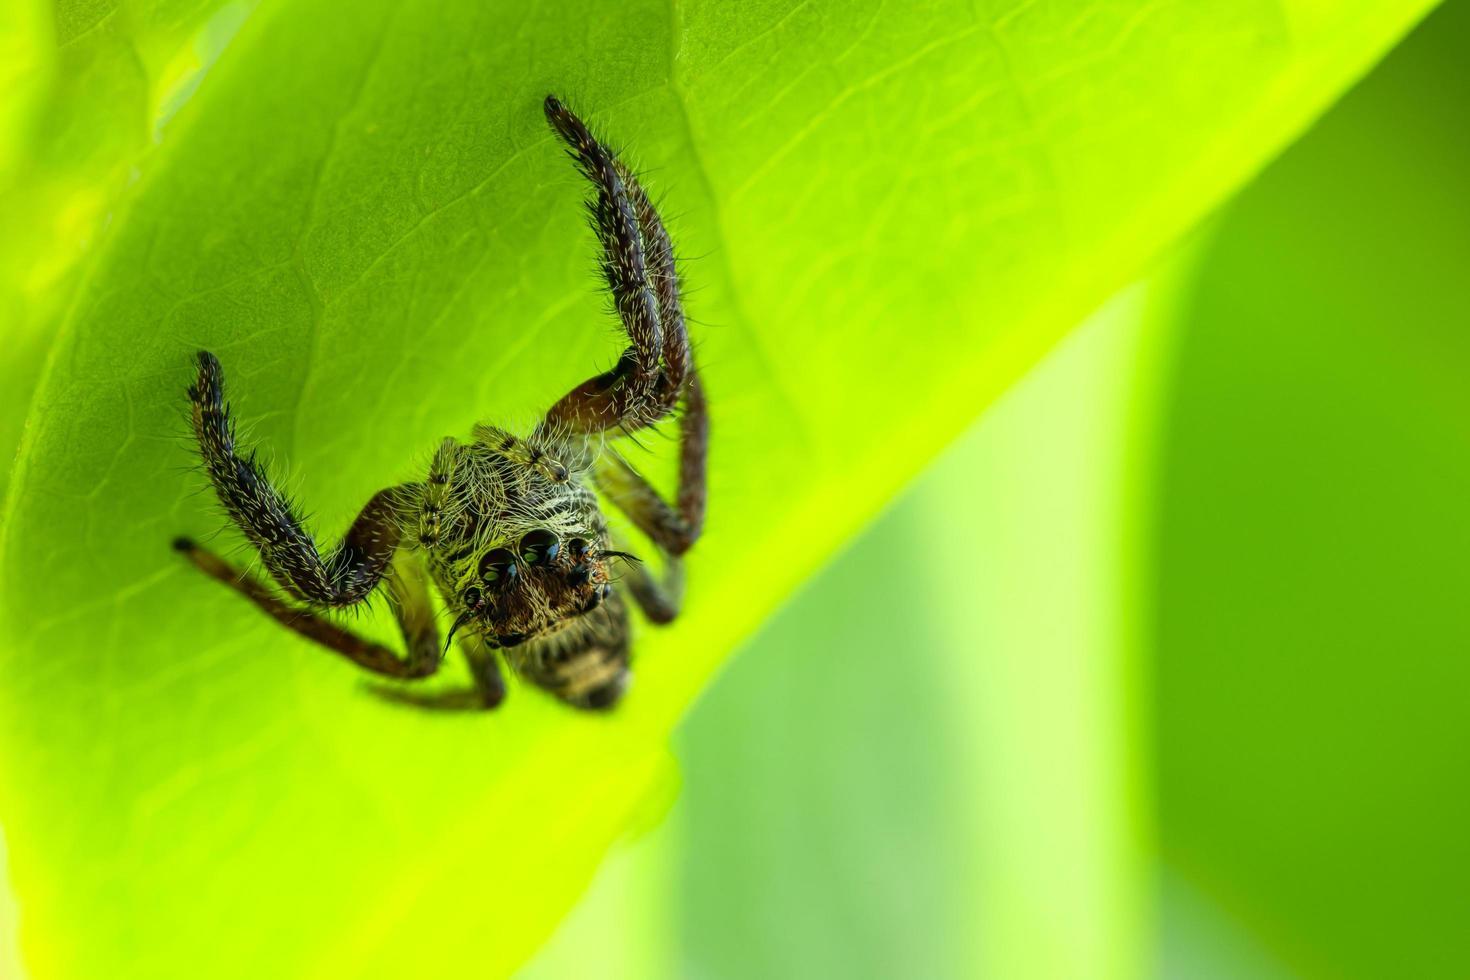 araignée sur une feuille photo